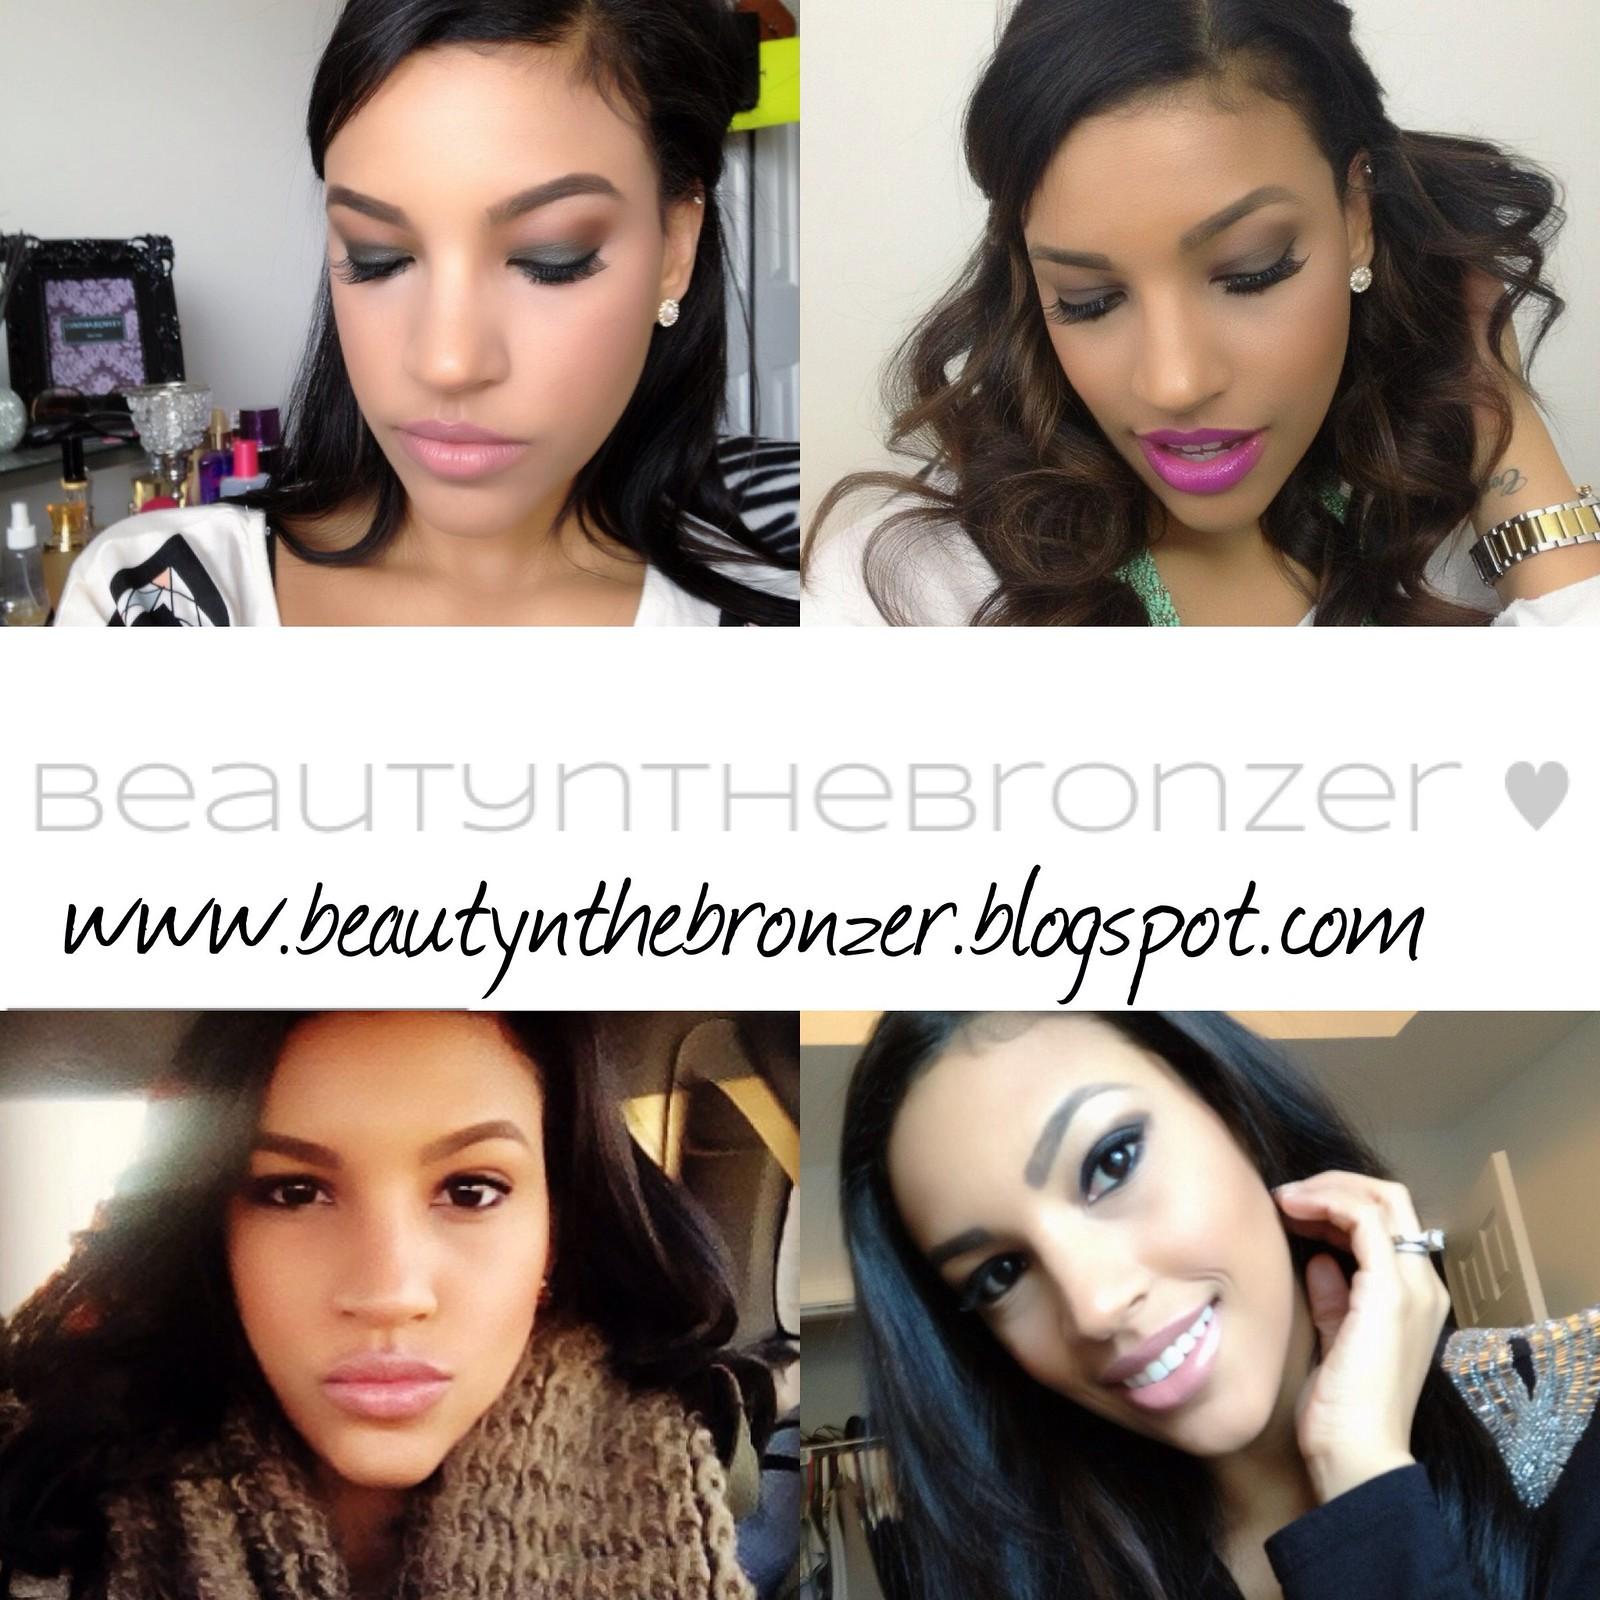 beautynthebronzer